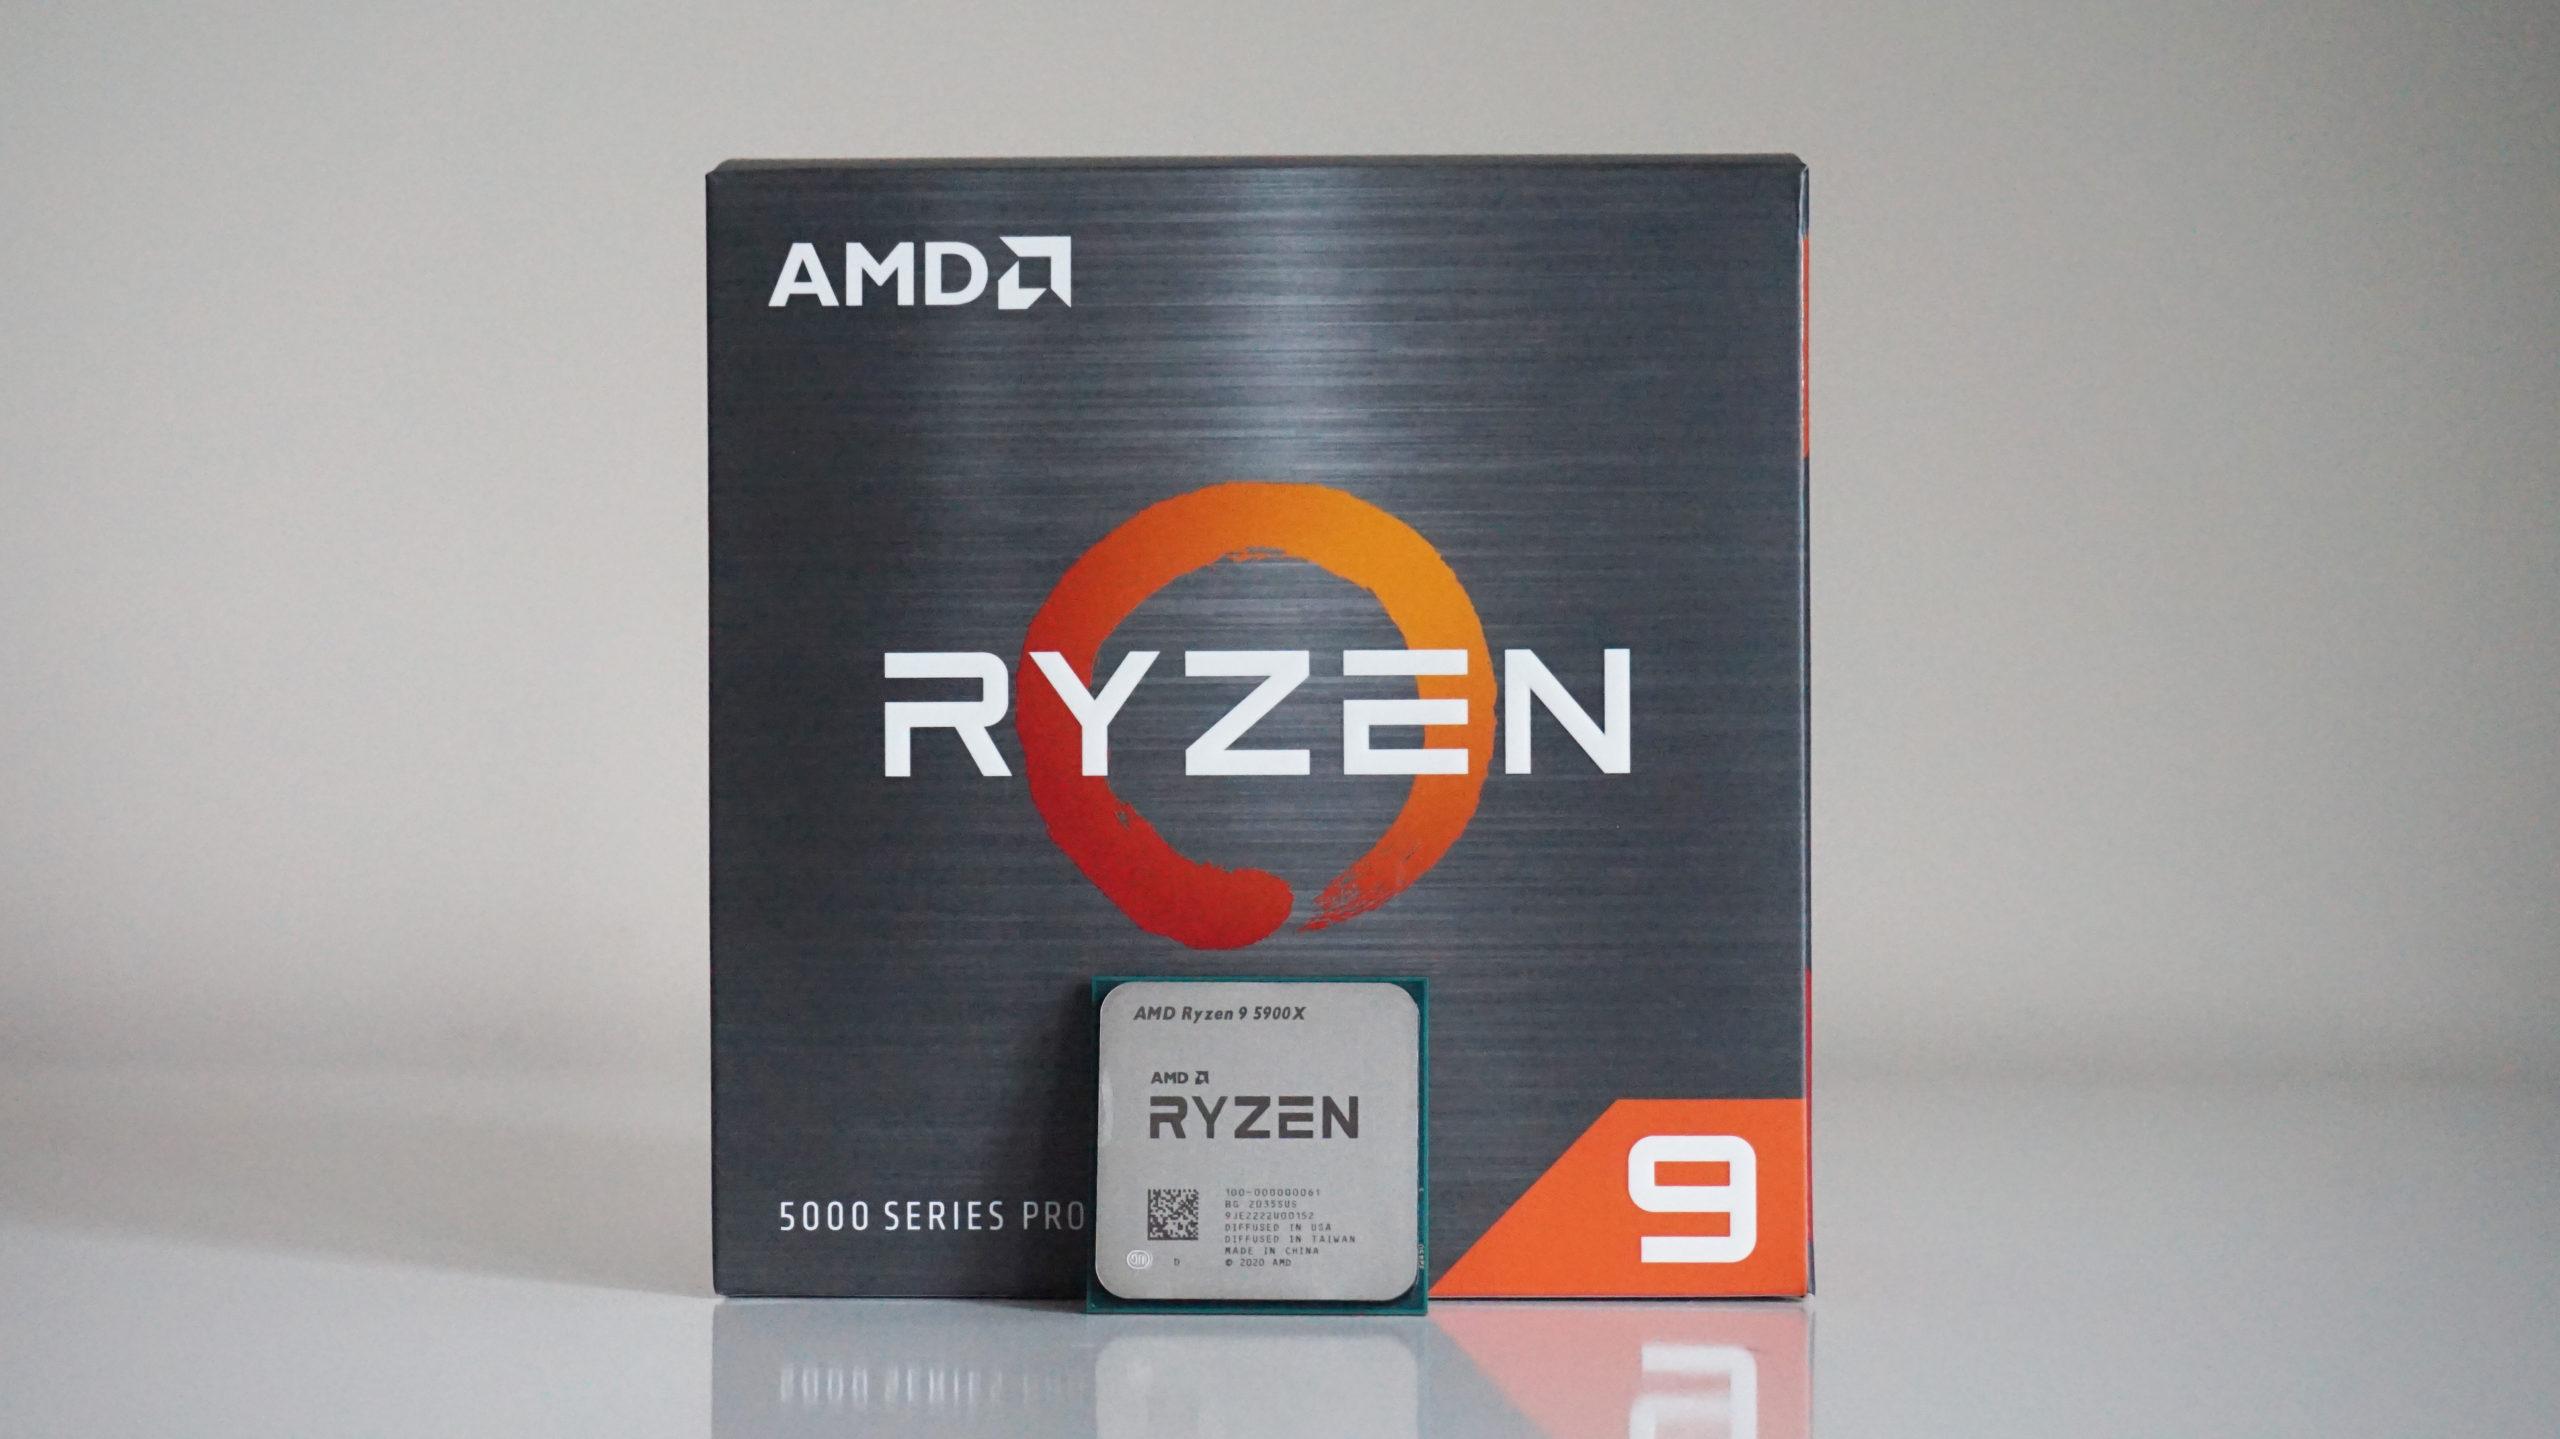 AMD Ryzen 9 5900X: miglior processore gaming di fascia alta